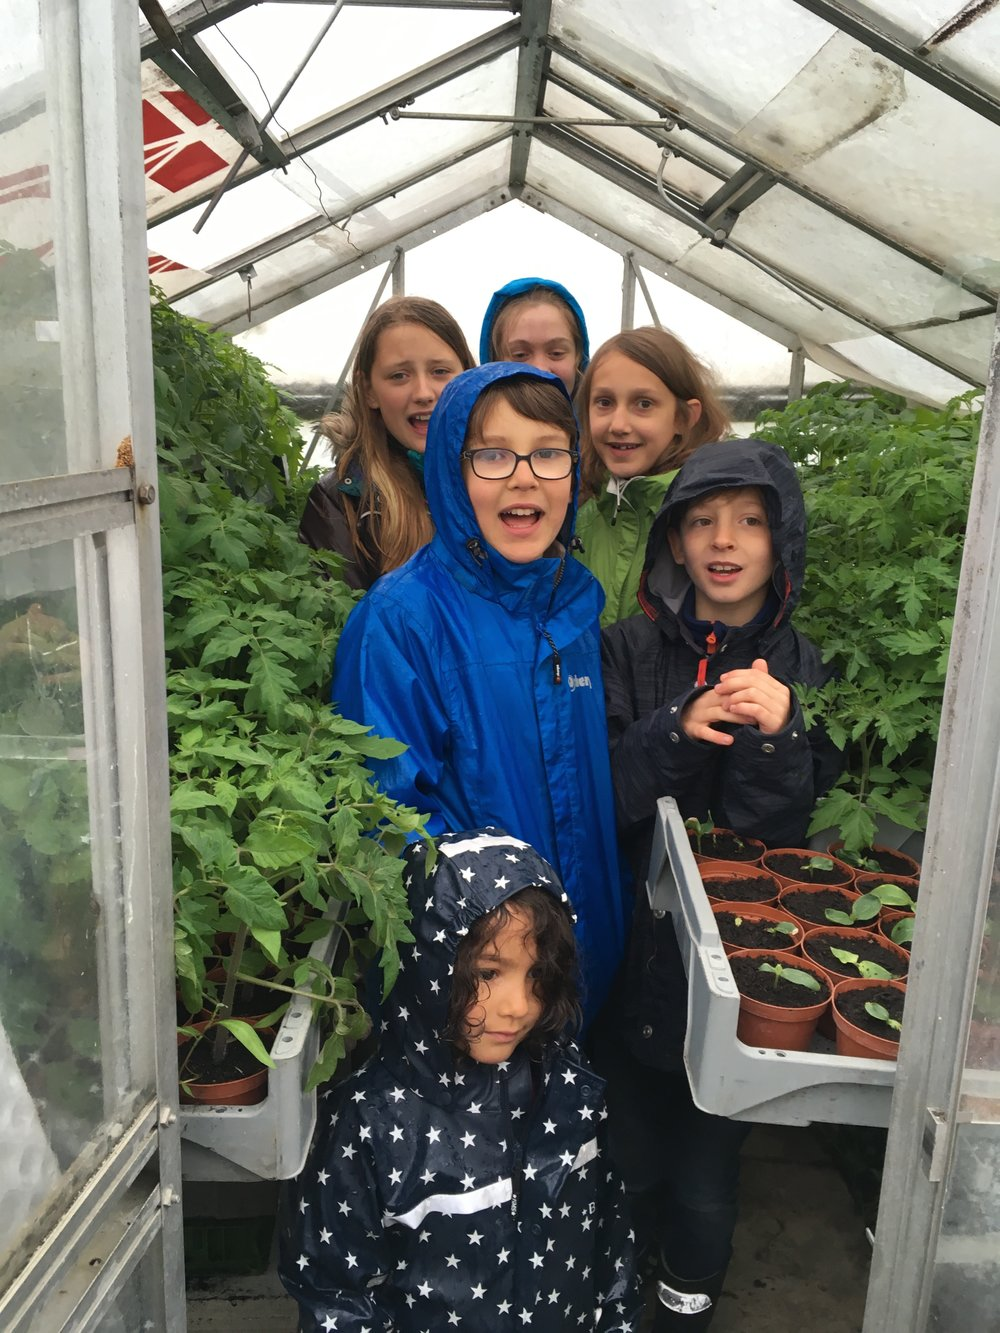 Bei den Tomatensetzlingen im Treibhaus.